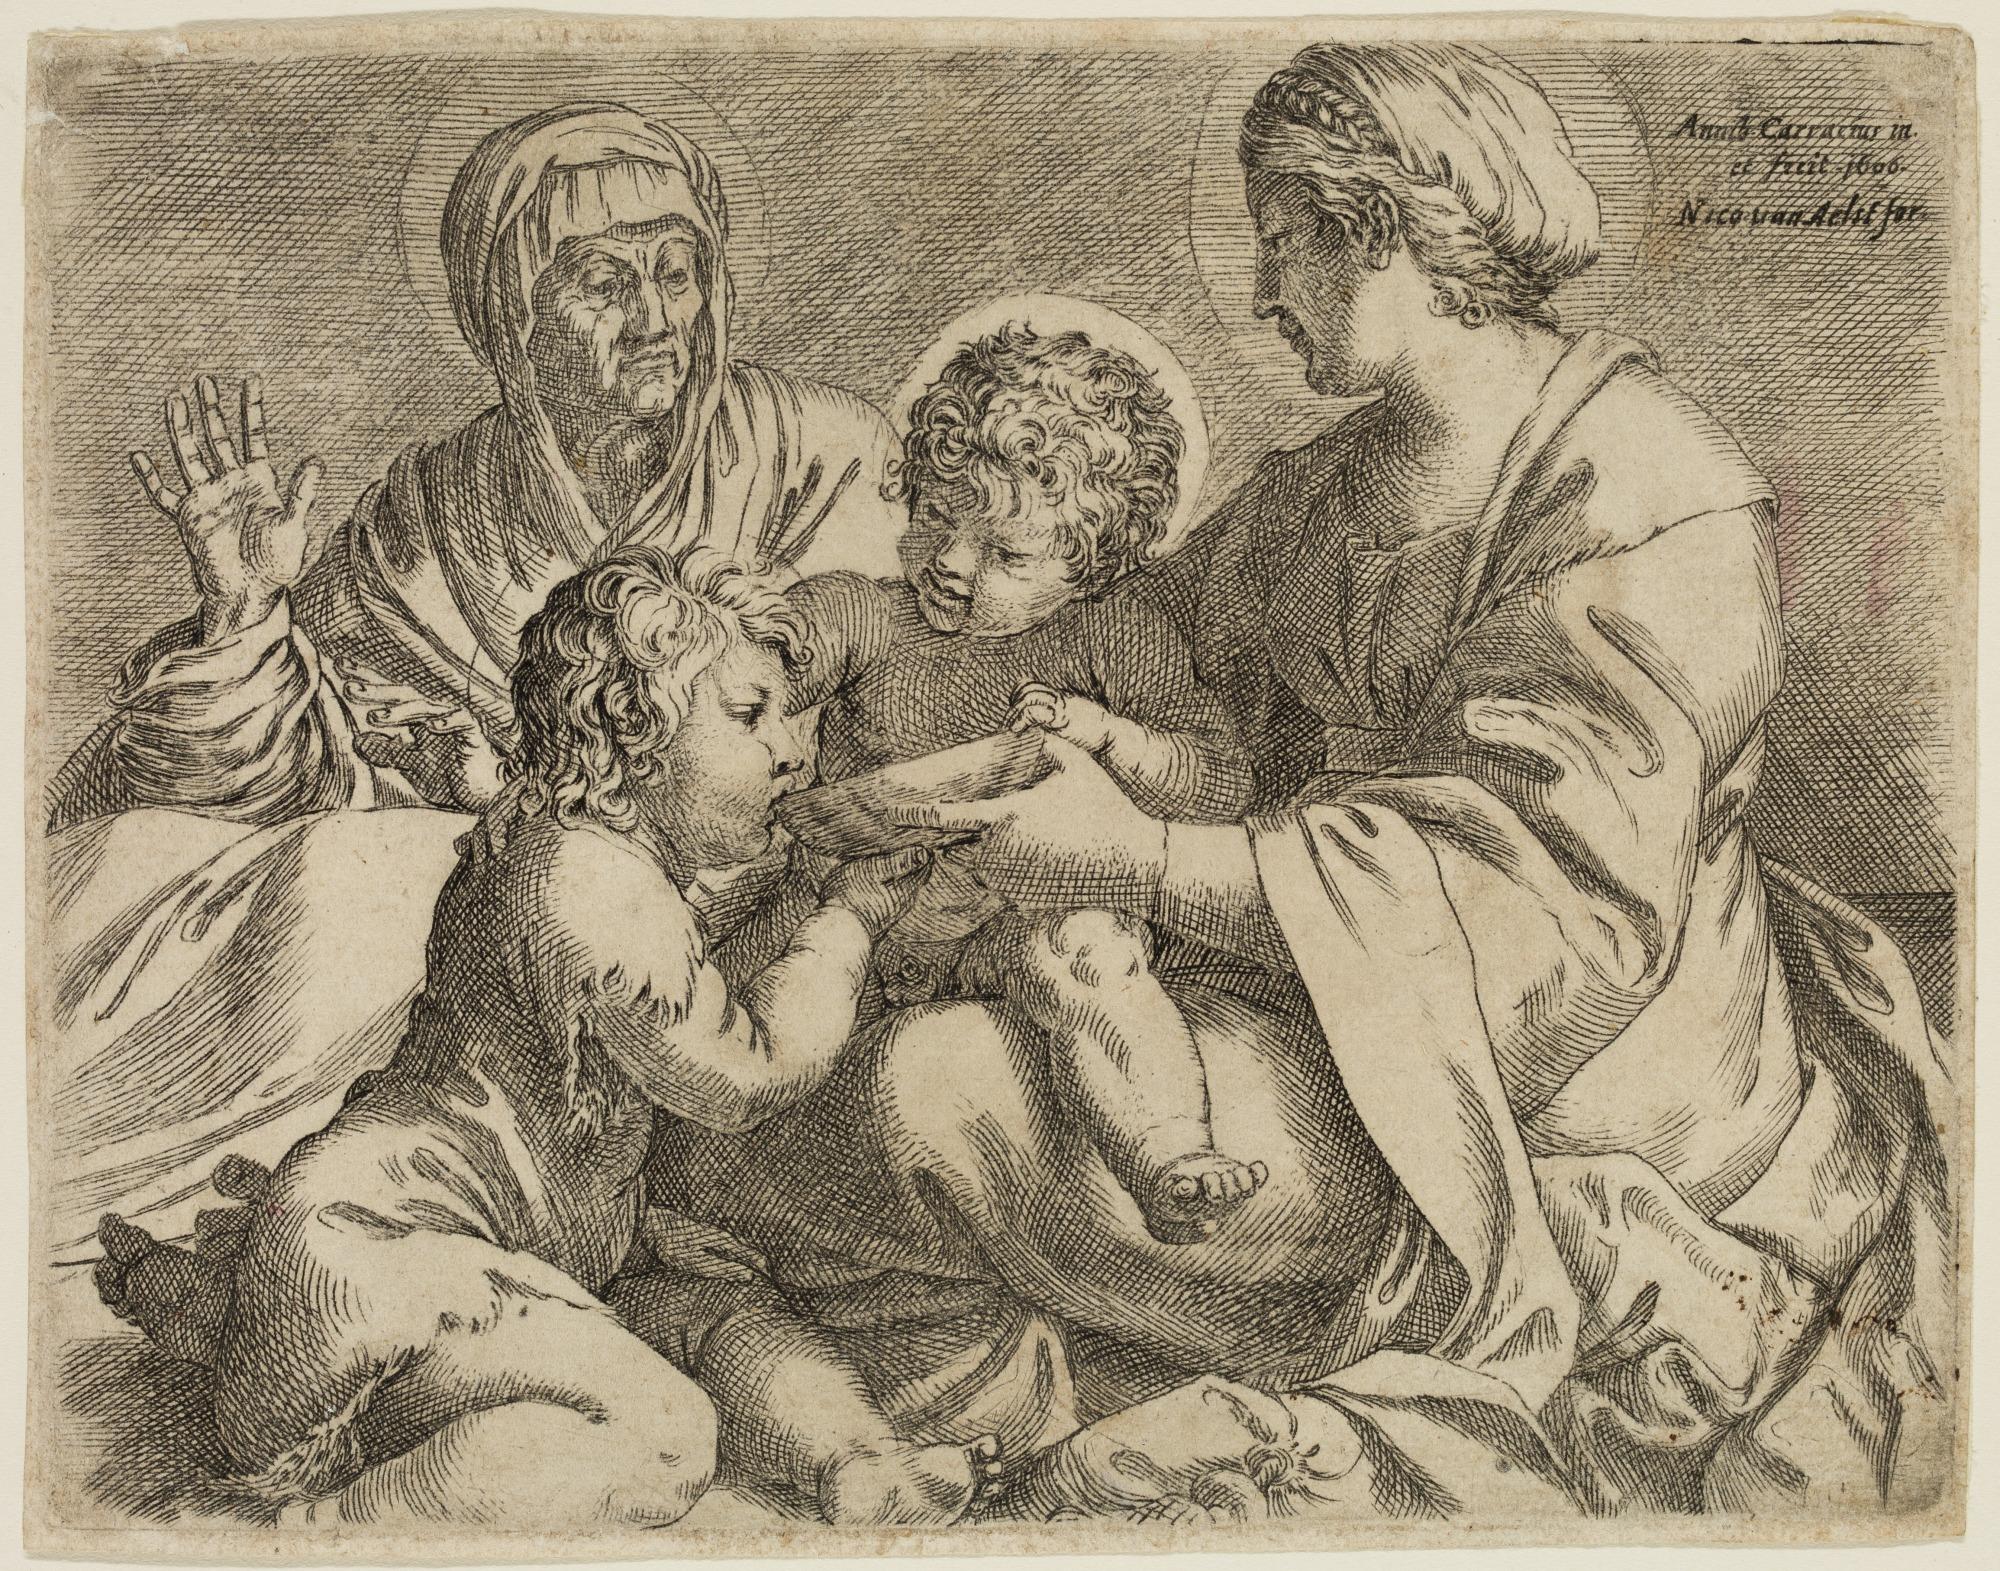 Madonna and Child with Saints Elizabeth and John the Baptist (La Madonna della Scodella), 1606, Annibale Carracci